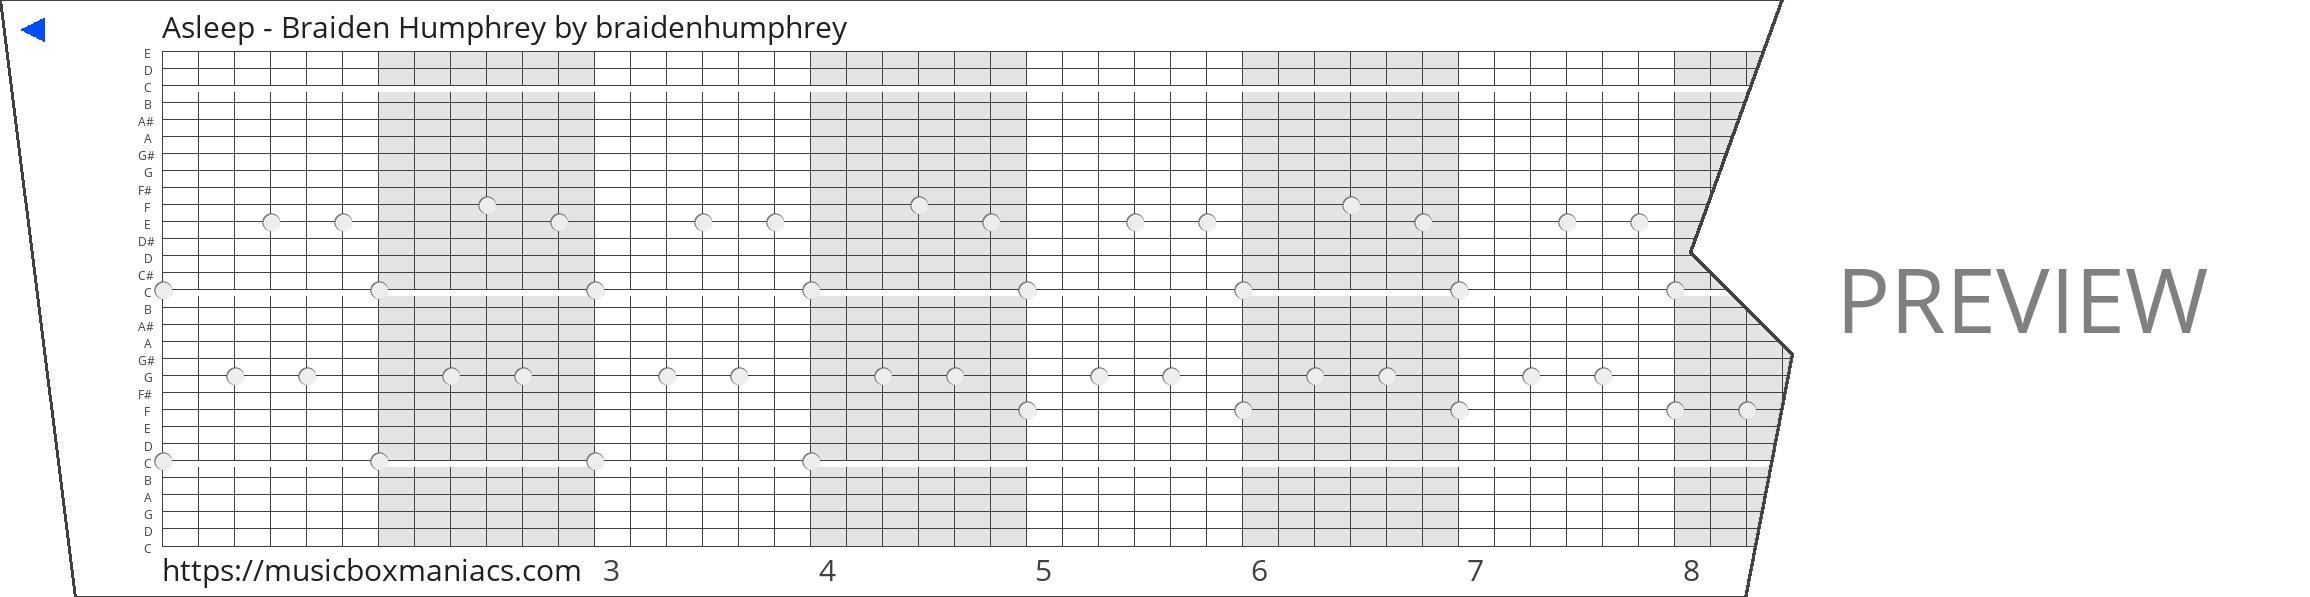 Asleep - Braiden Humphrey 30 note music box paper strip